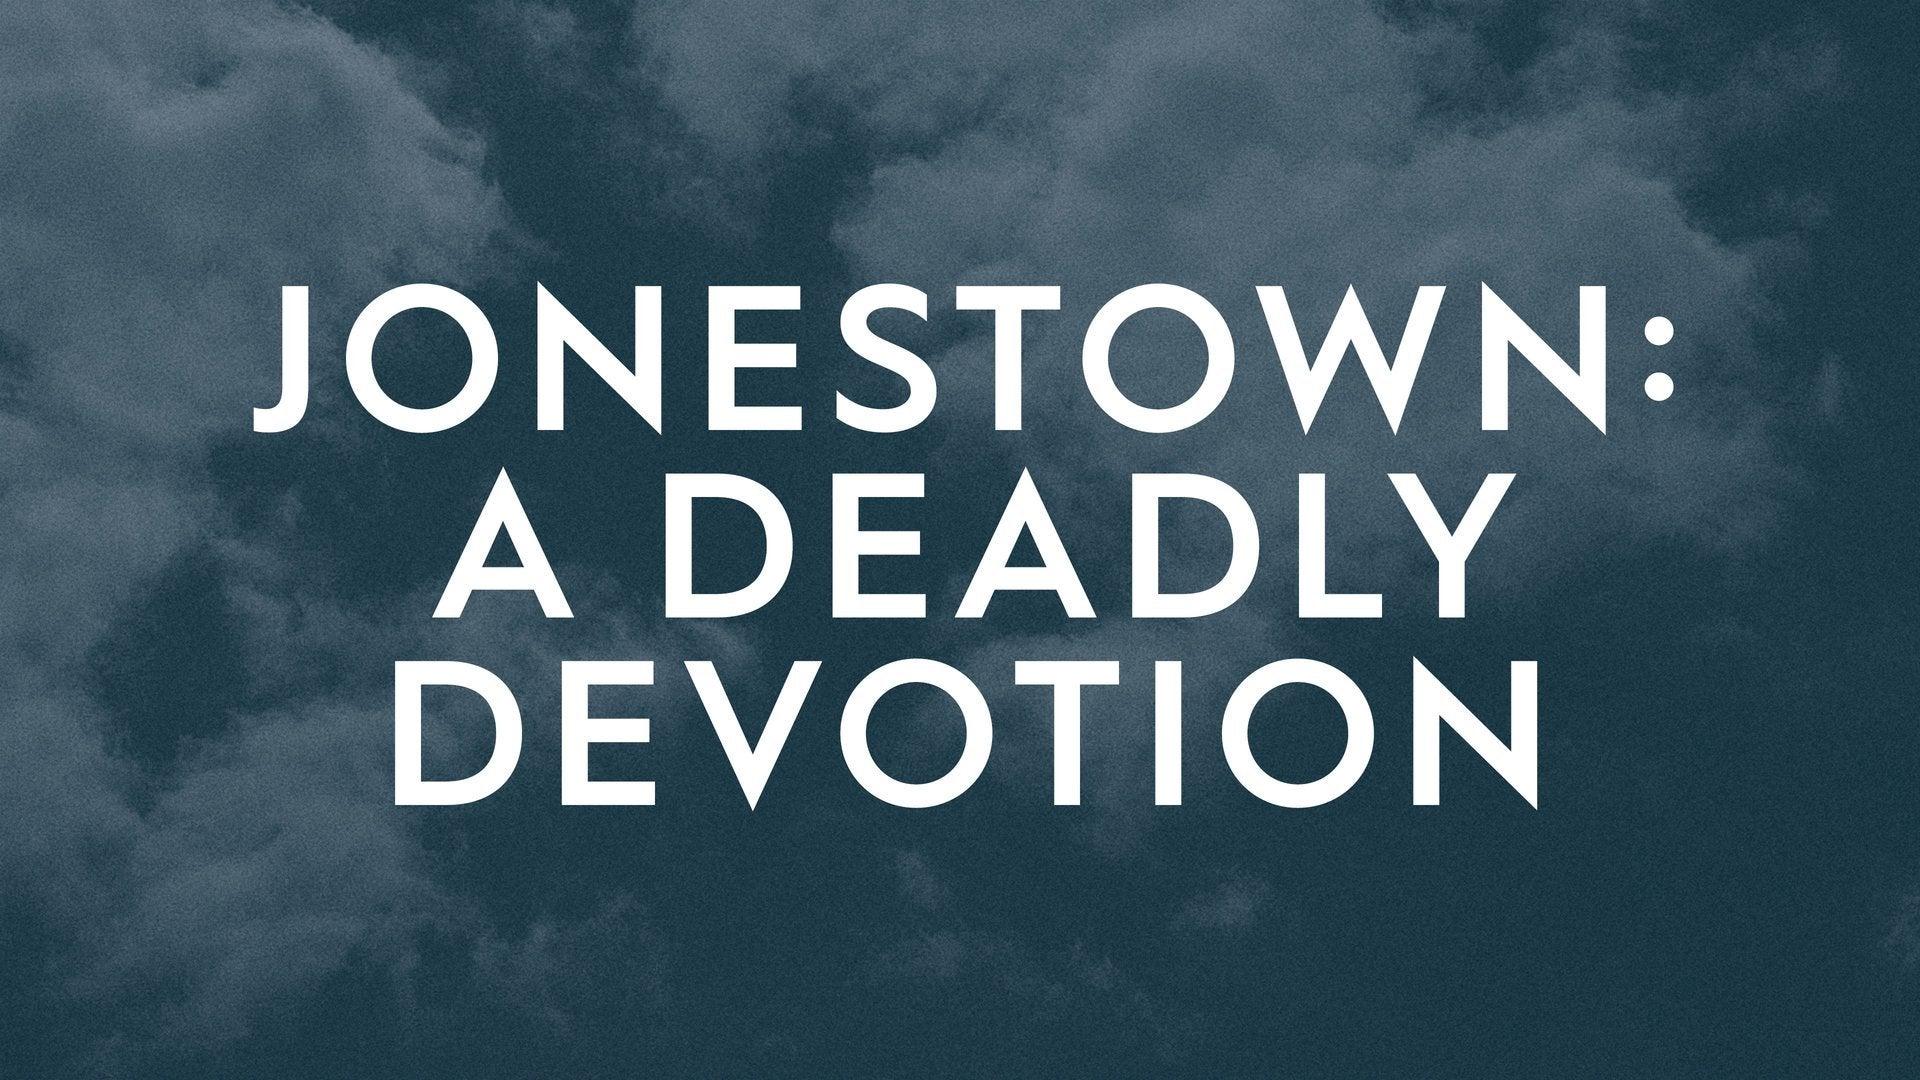 Jonestown: A Deadly Devotion